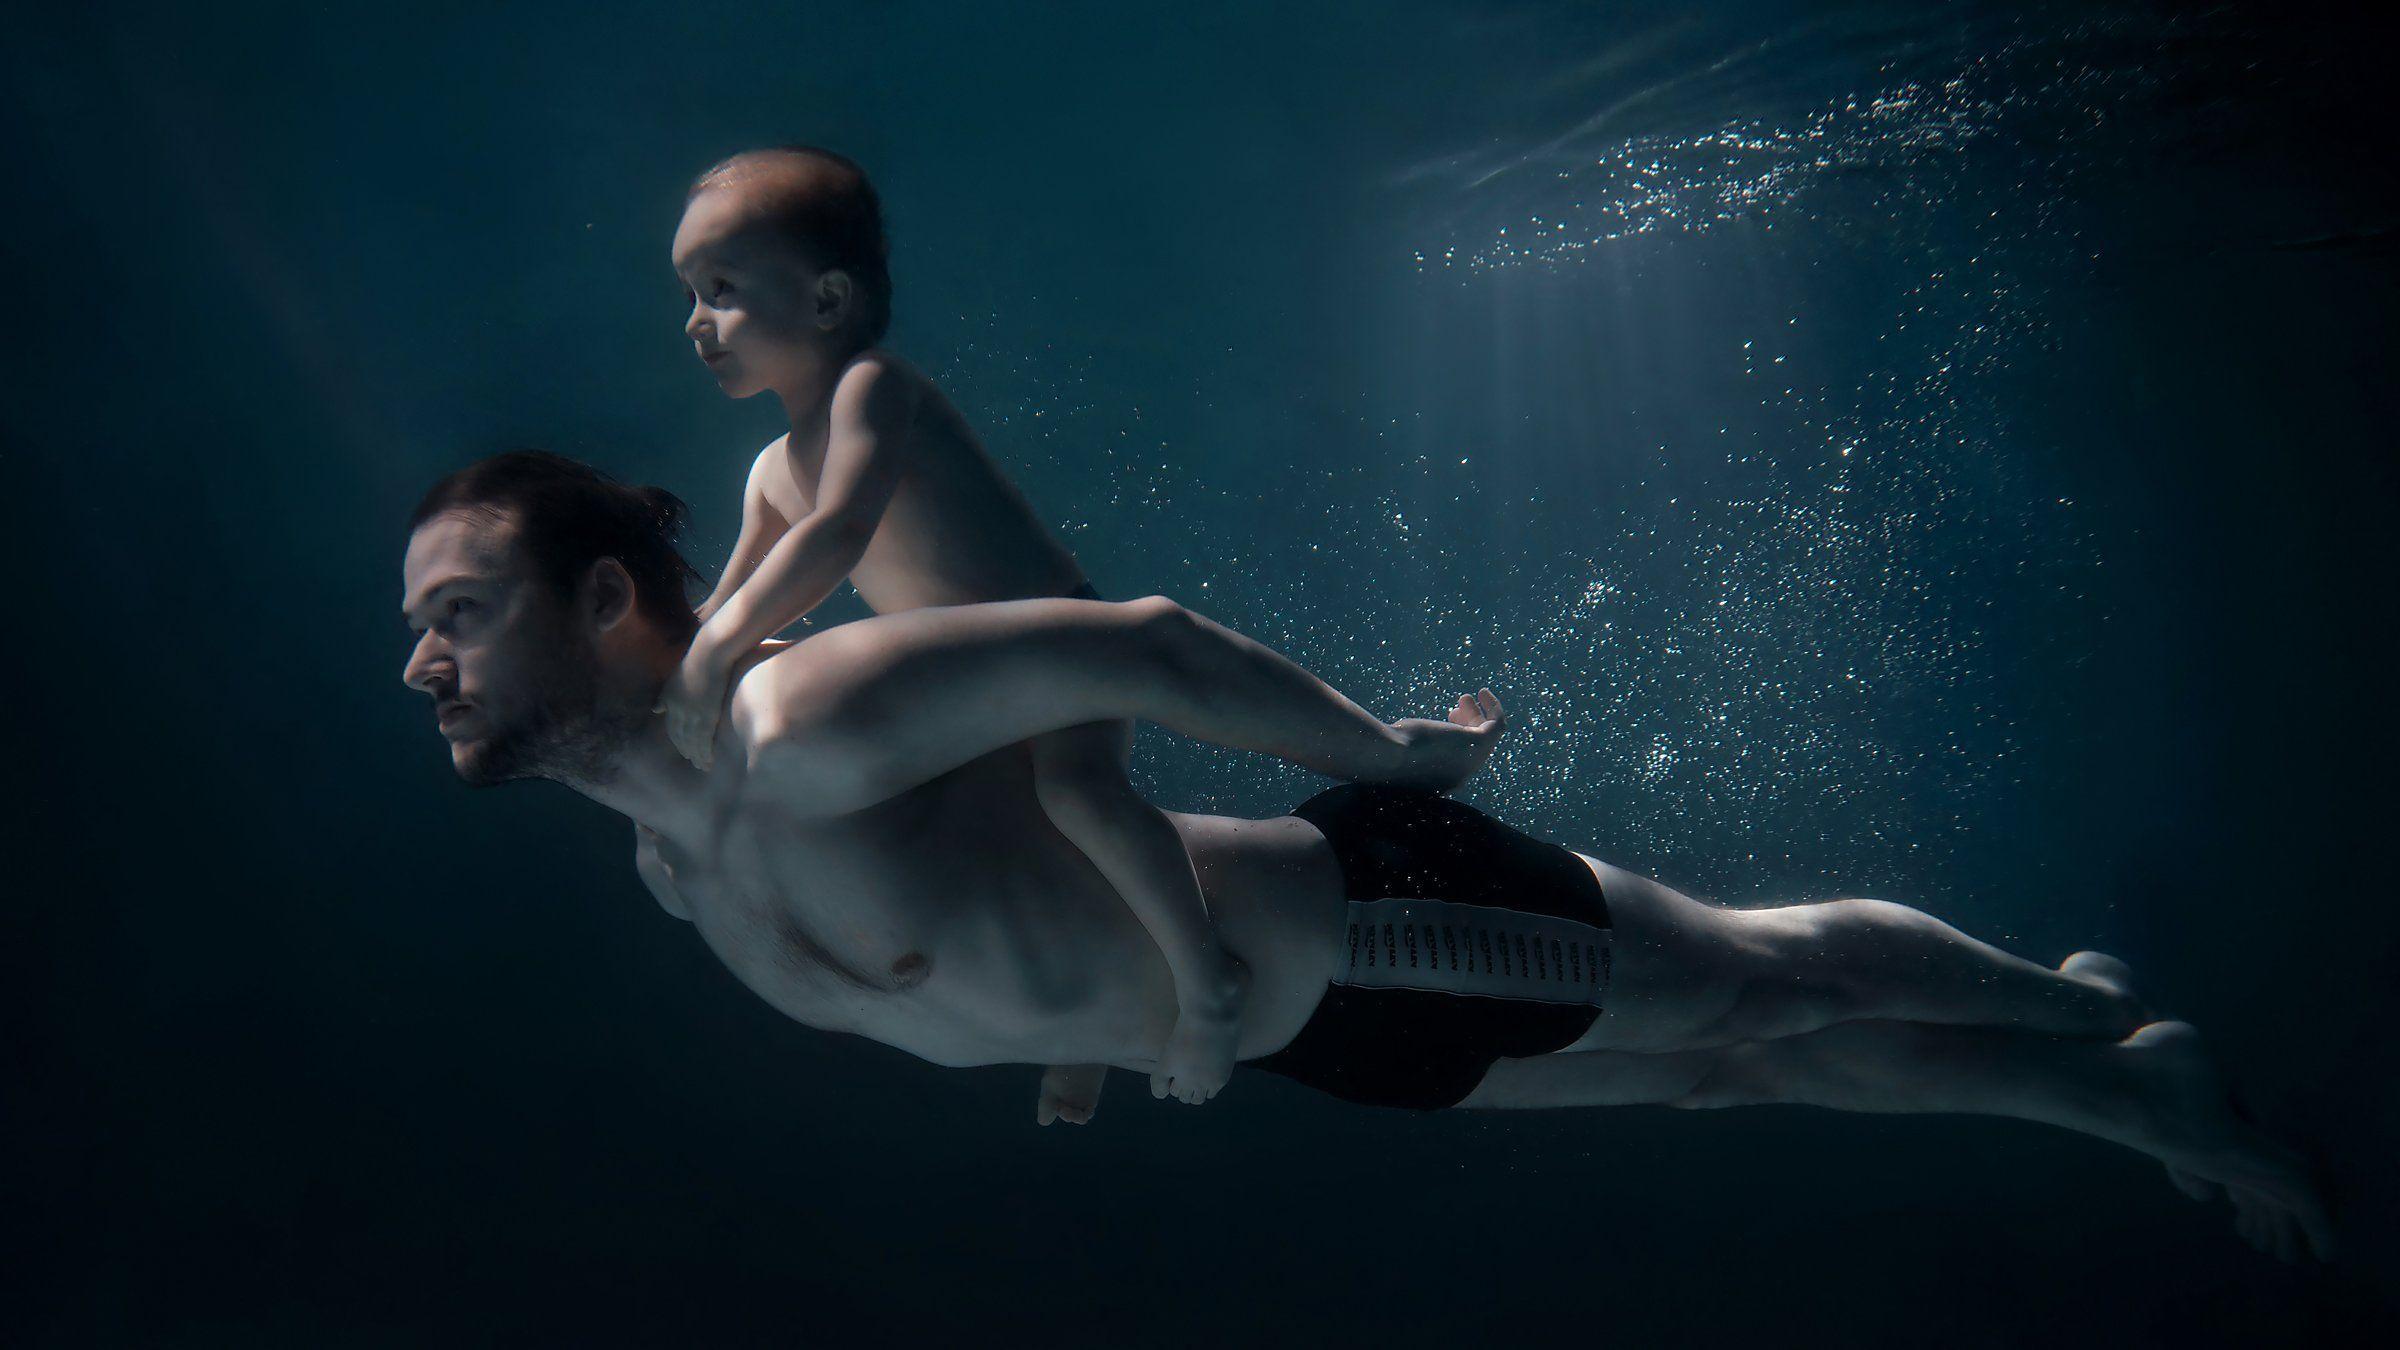 Подводная, съемка, фотосъемка под водой, вода, море, океан, Слава Гребенкин